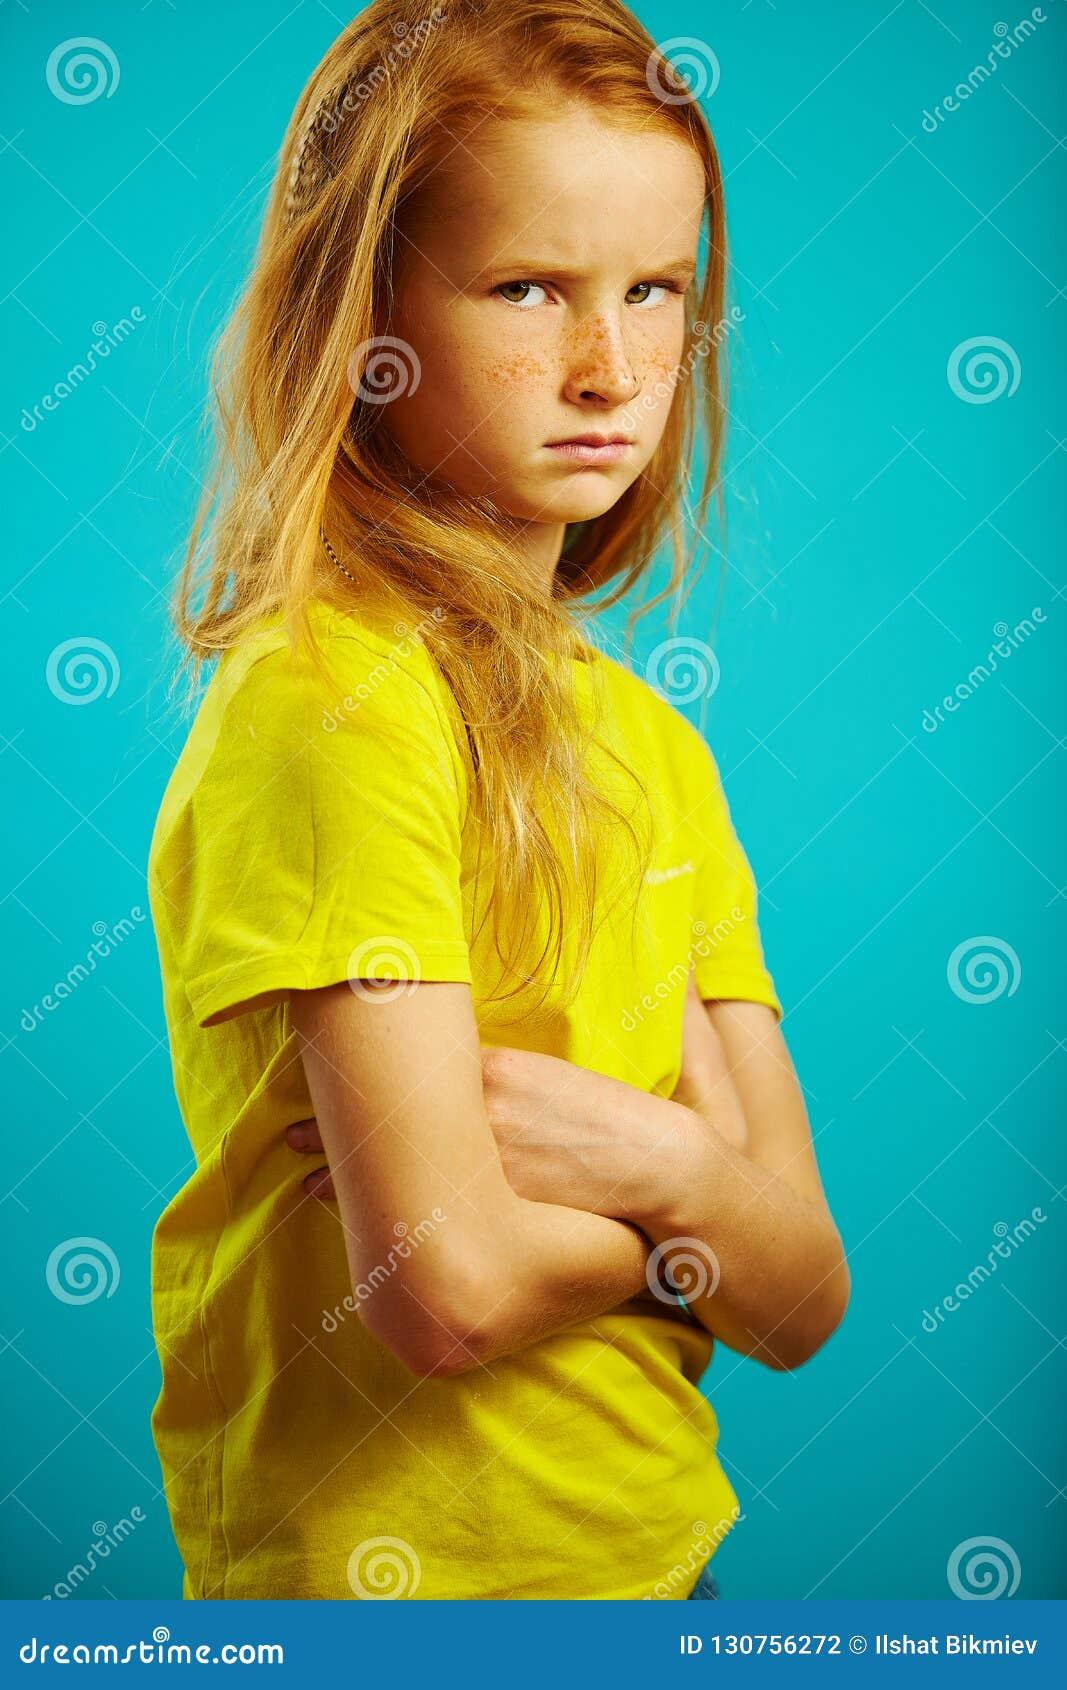 Το μικρό κορίτσι με τα όπλα που διασχίζονται στο στήθος, 0 ή αγανακτισμένος, εκφράζει μια κακή και λυπημένη διάθεση